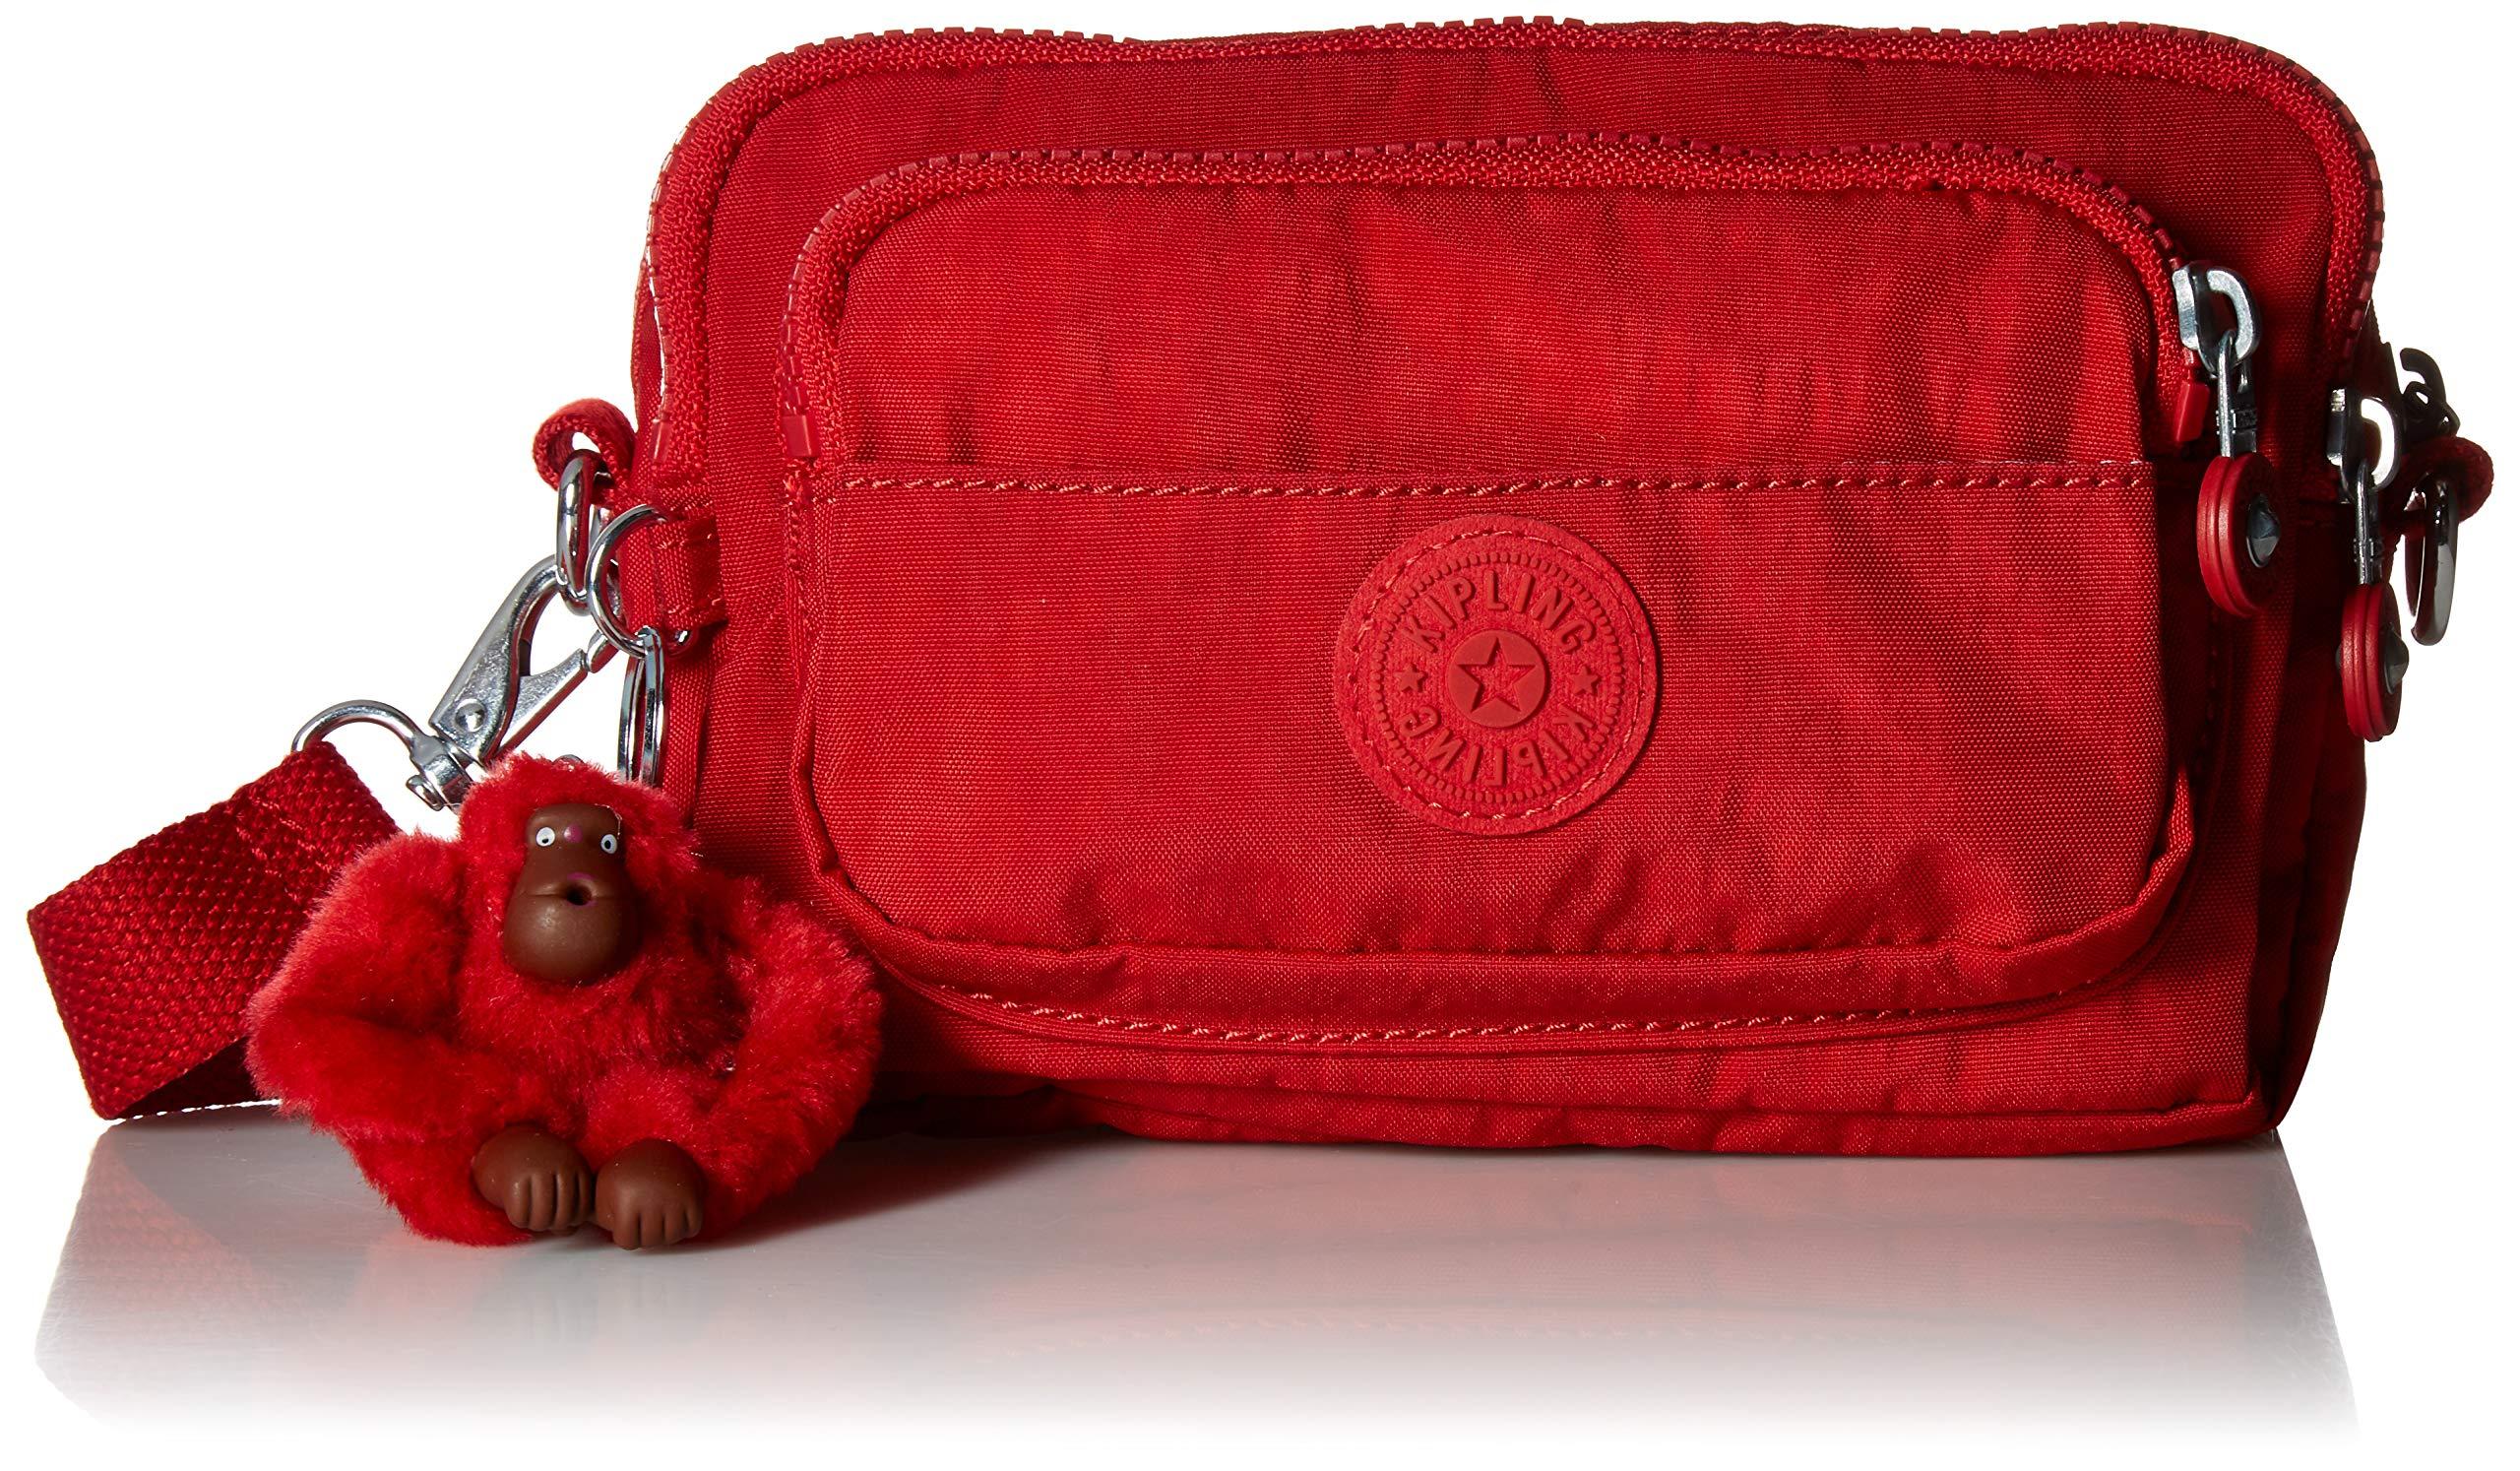 Kipling Merryl 2-in-1 Convertible Waistpack, Cherry Tonal by Kipling